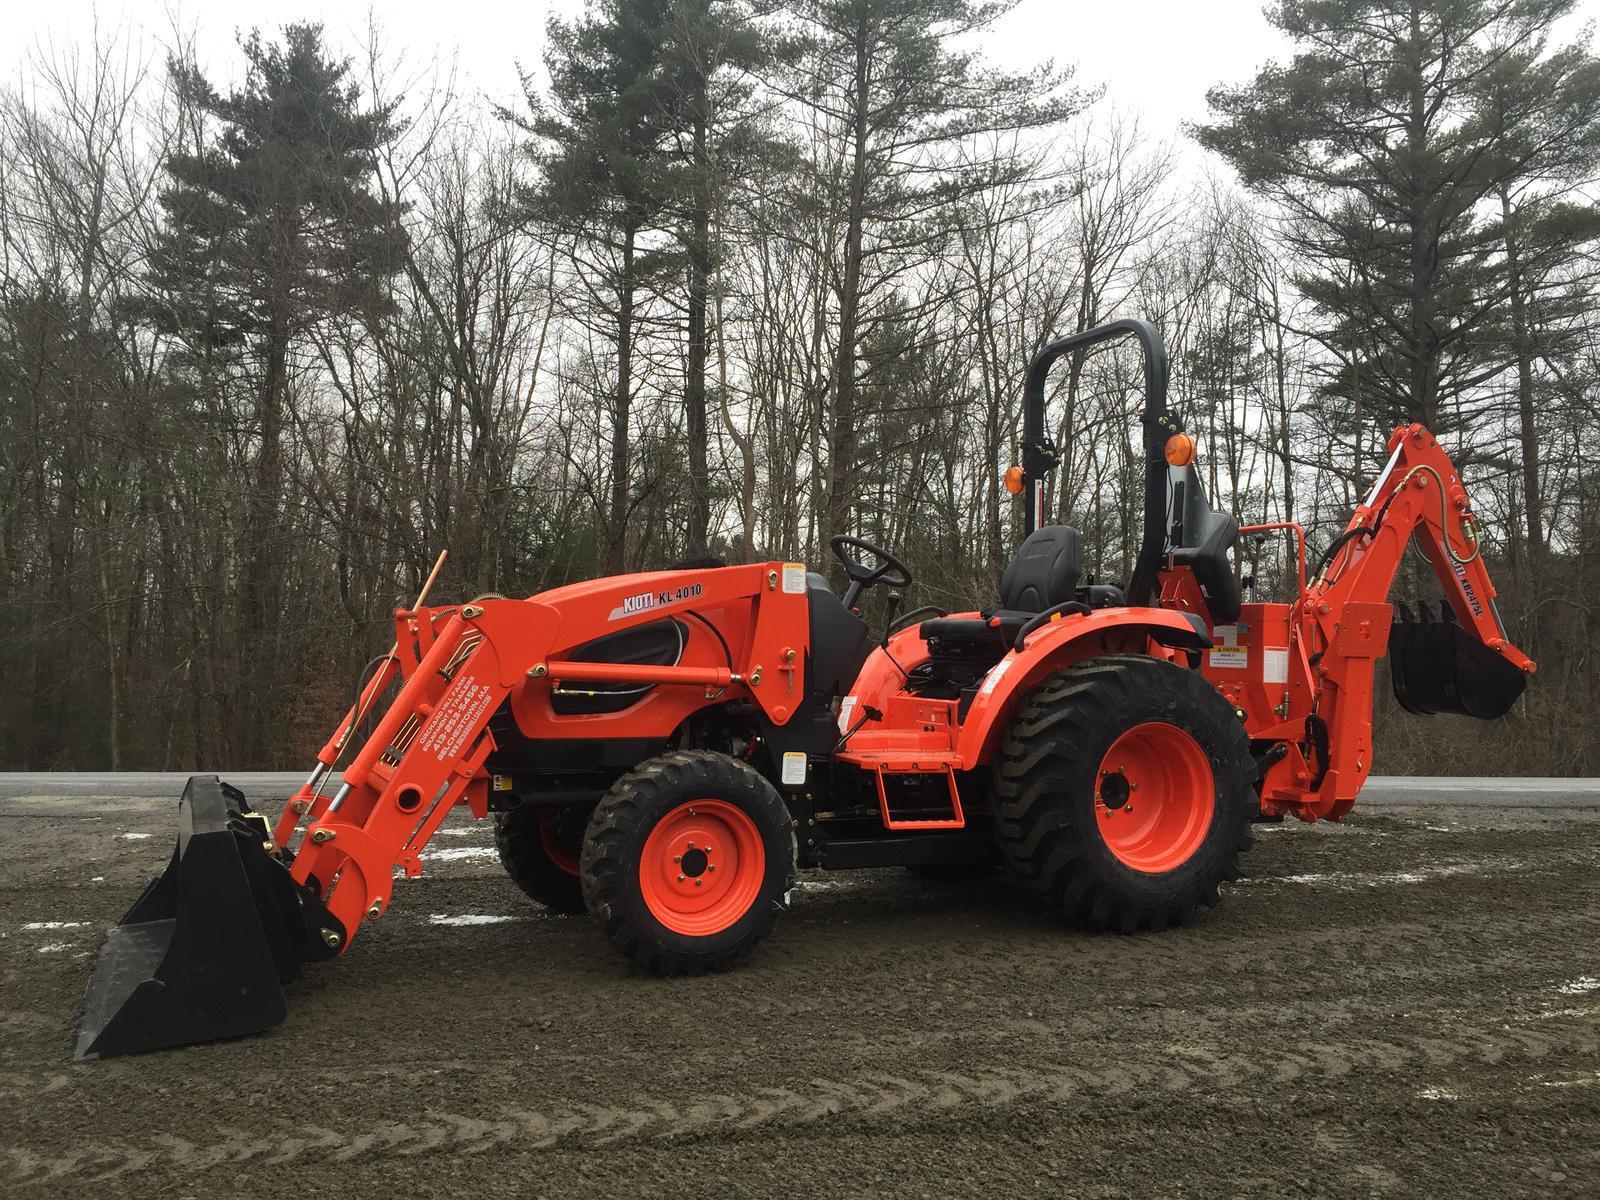 KIOTI CK3510 HST/Gear Tractor Loader Backhoe for sale in Belchertown